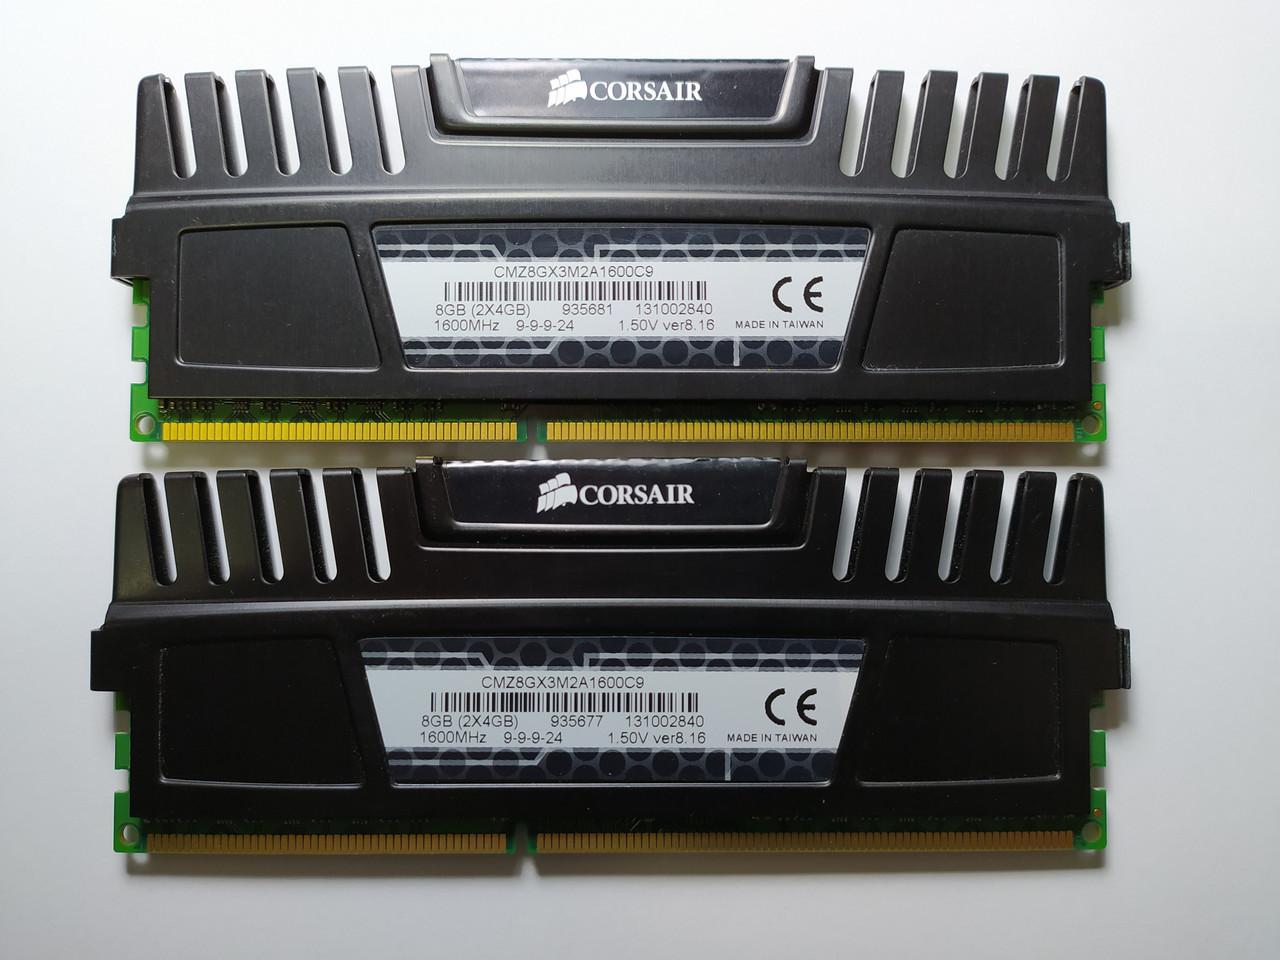 Комплект оперативной памяти Corsair Vengeance DDR3 8Gb (2*4Gb) 1600MHz PC3-12800 (CMZ8GX3M2A1600C9) Б/У